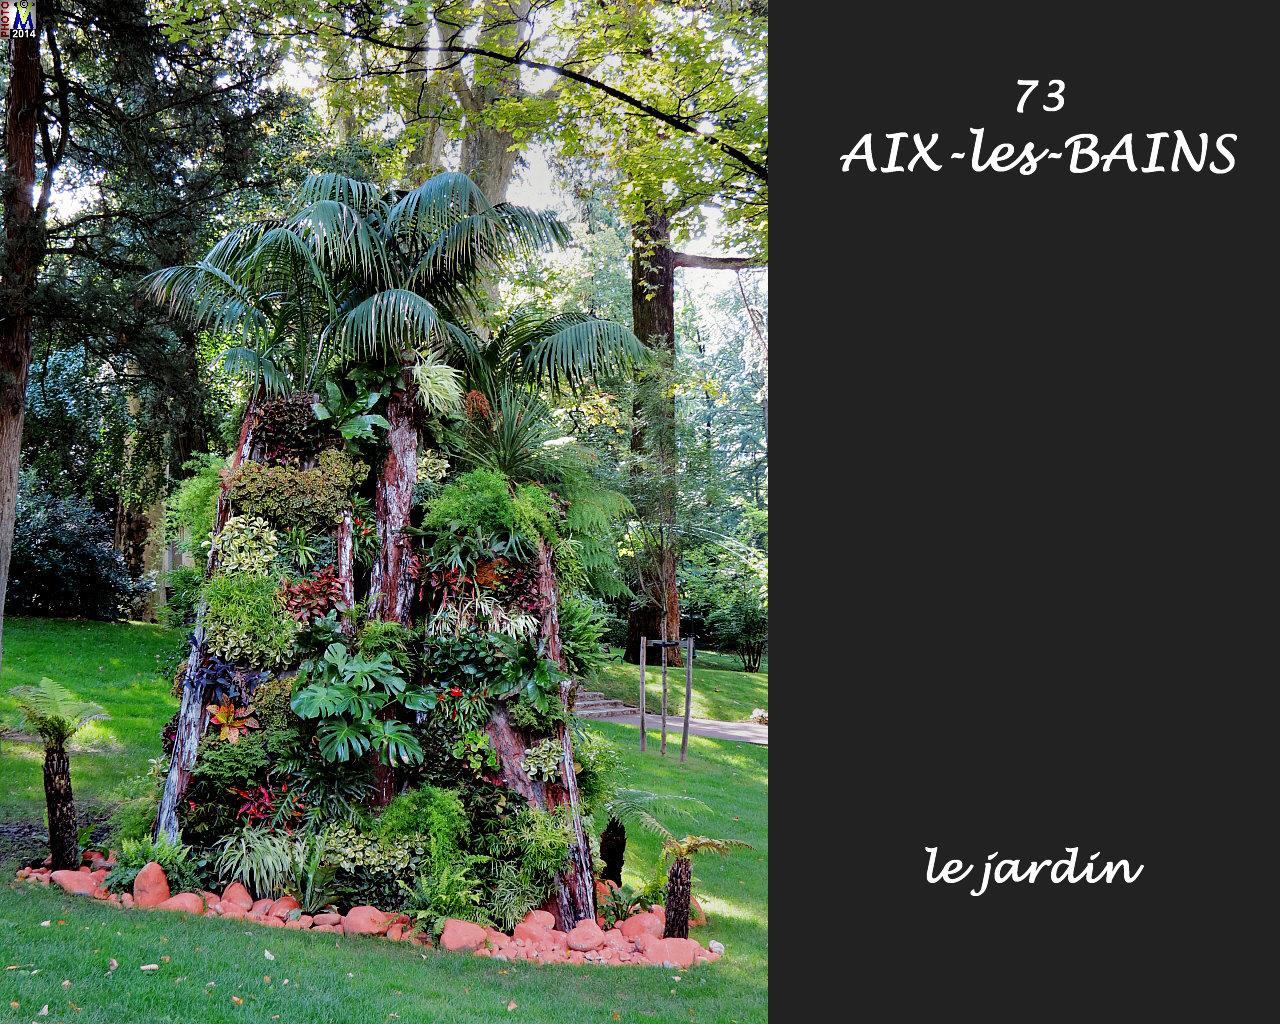 Savoie photos de la commune de aix les bains - Jardin des plantes aix les bains ...